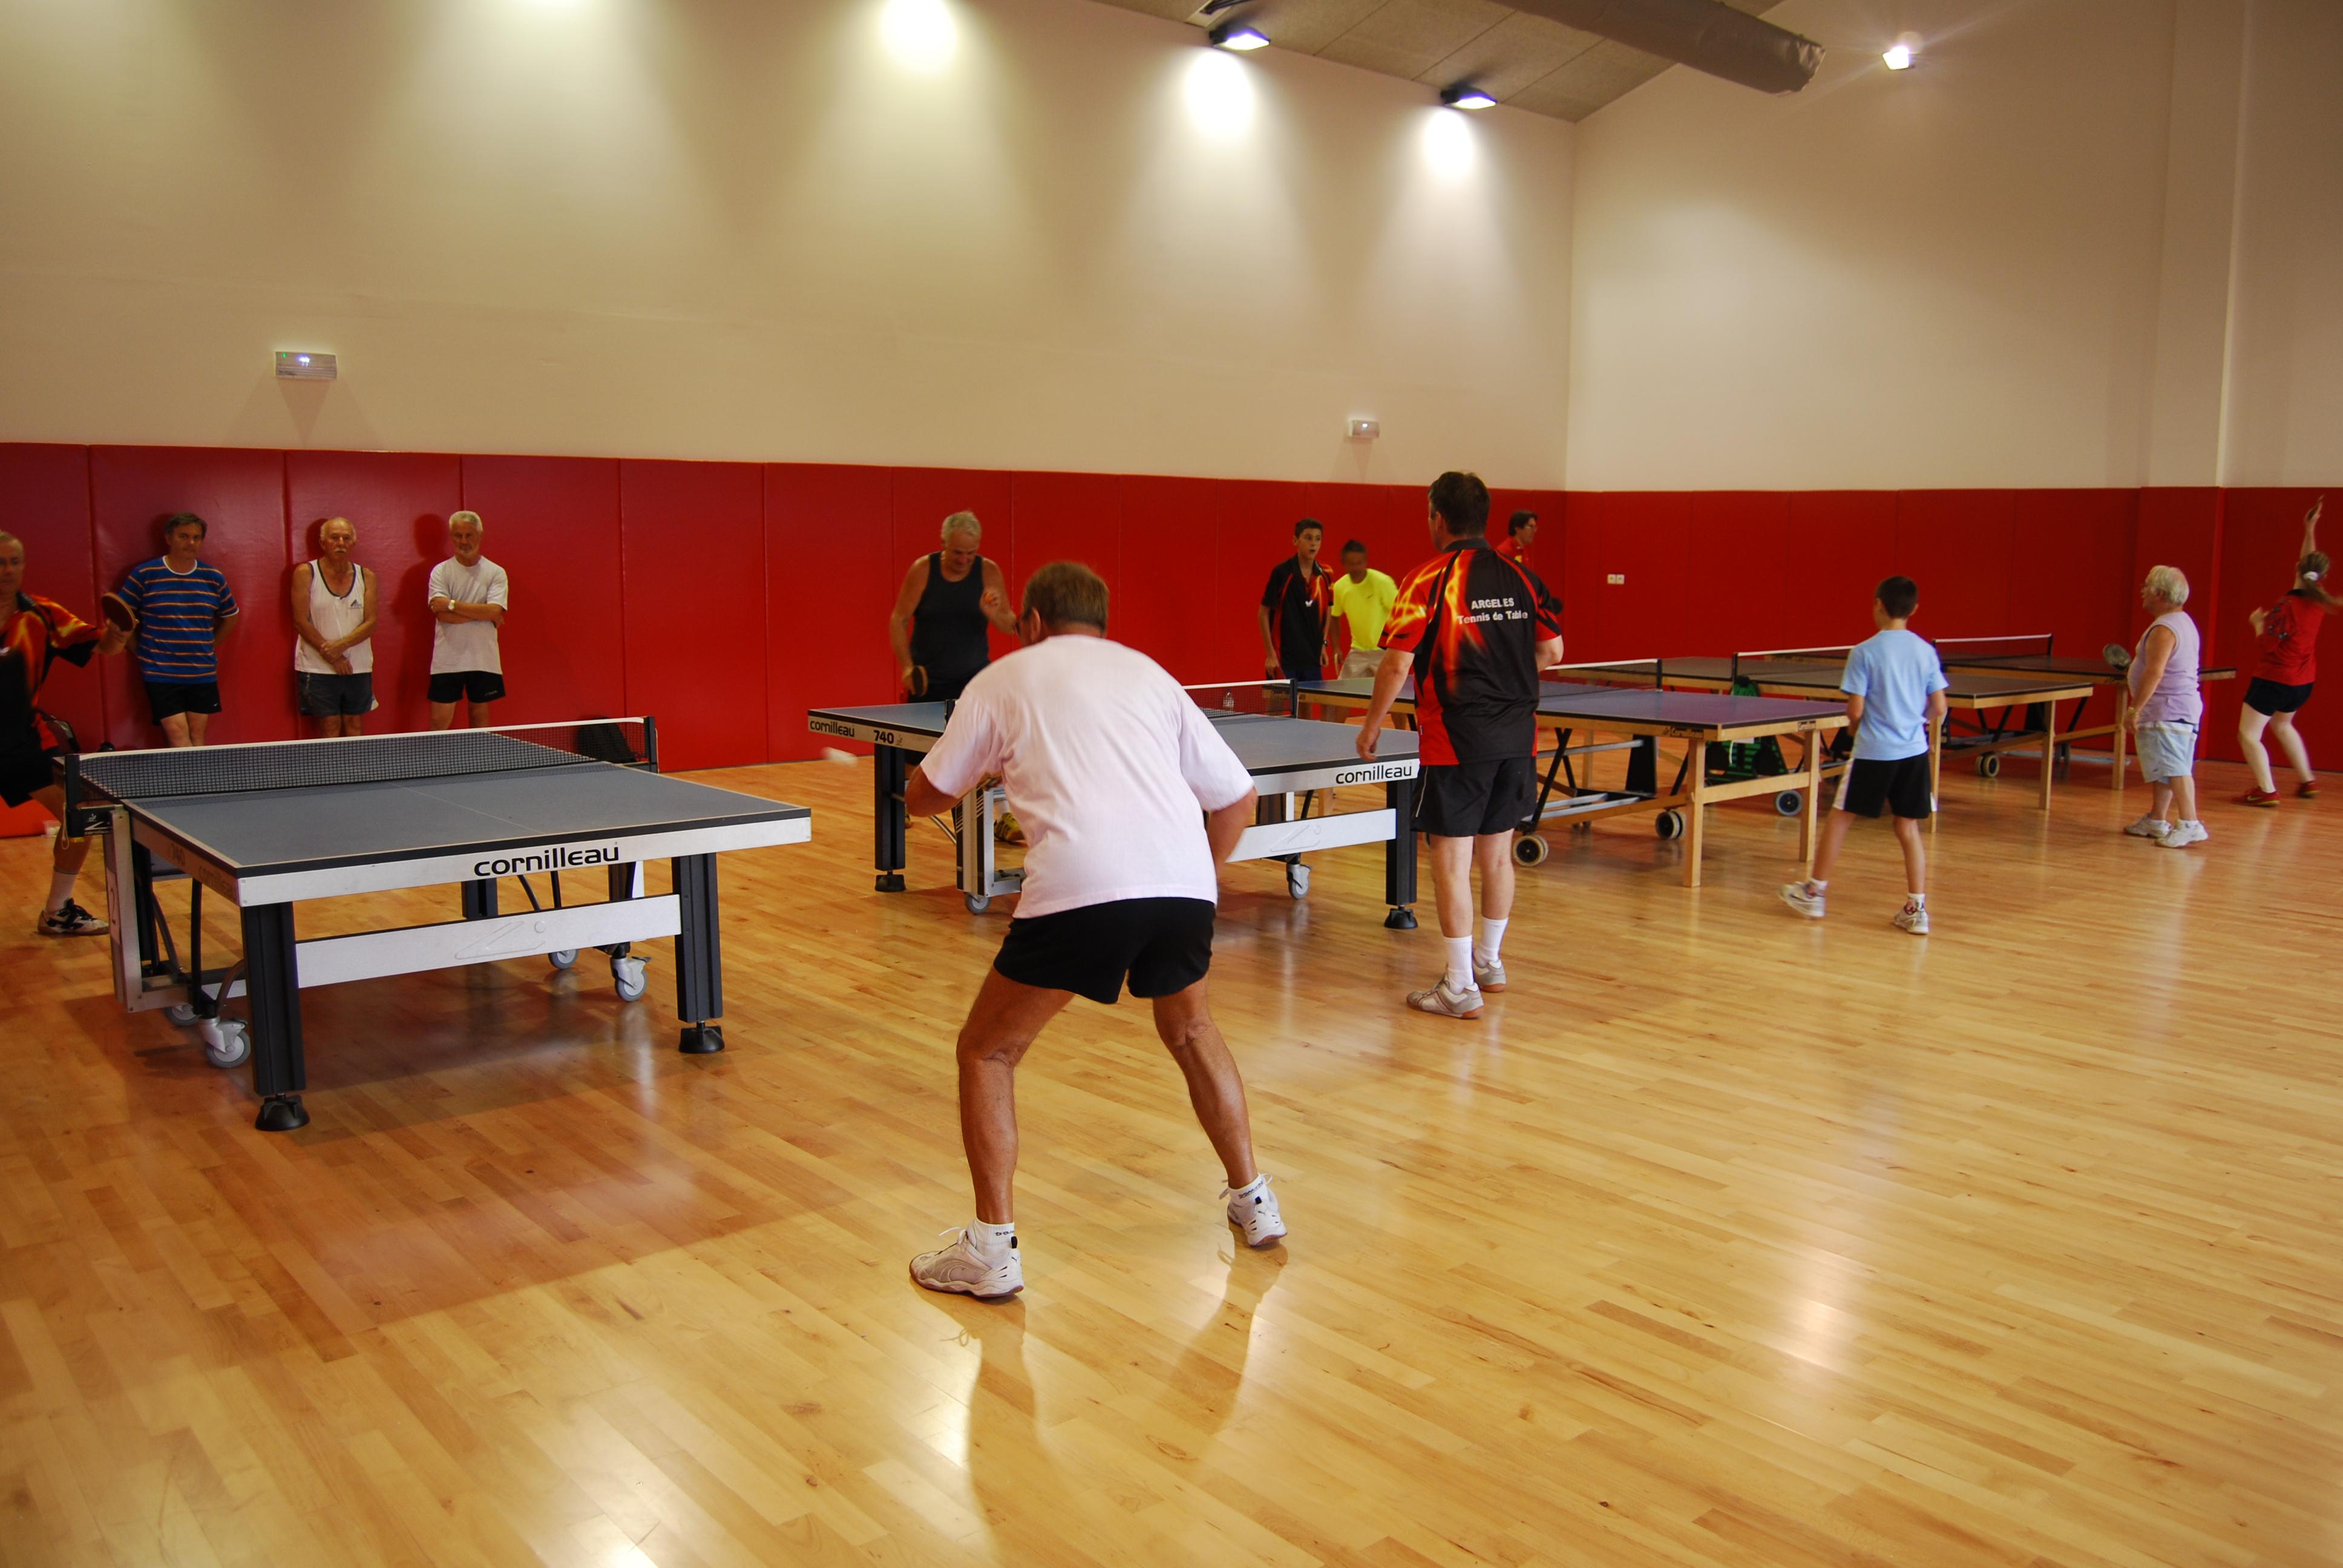 Club de tennis de table argel s sur mer 66 nous for Club de tennis interieur saguenay